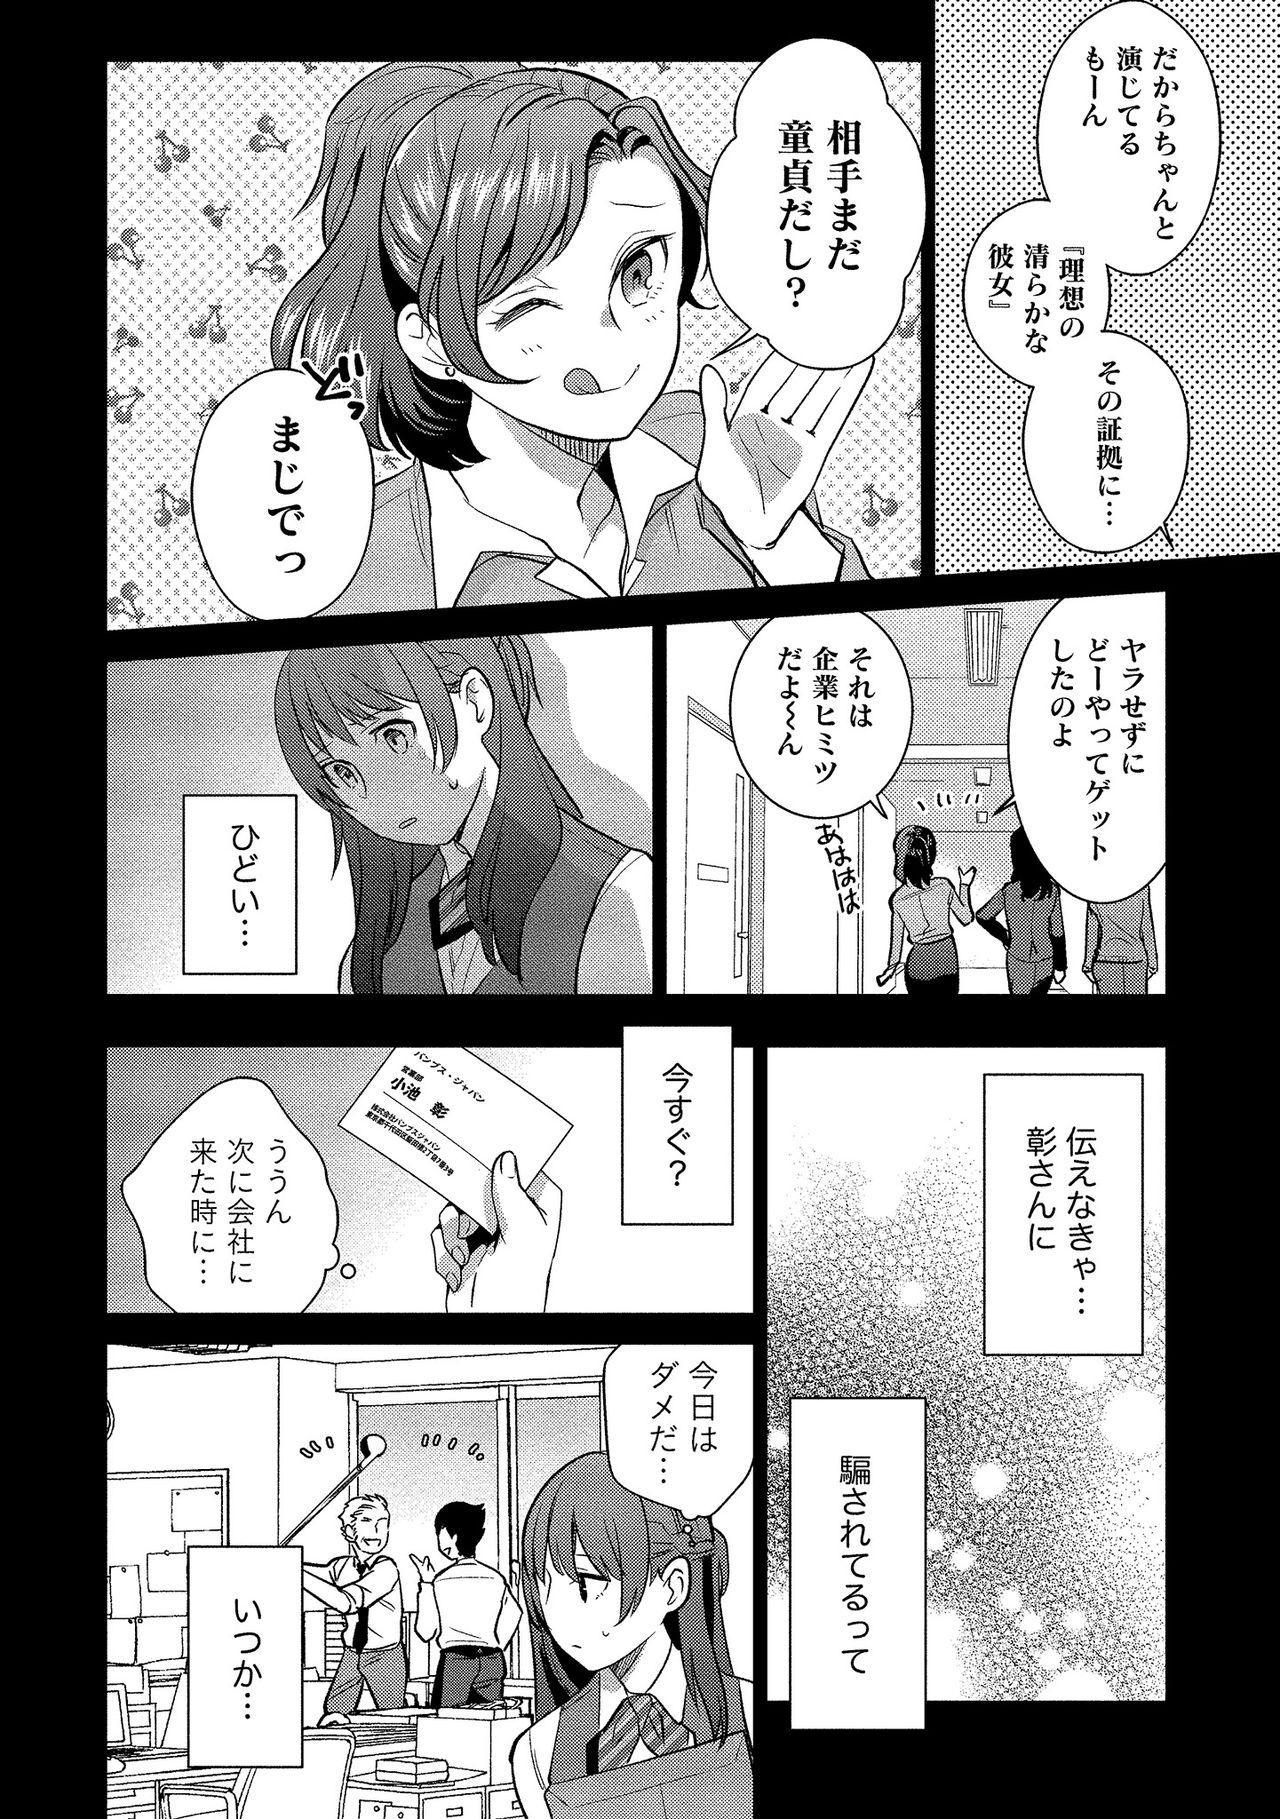 Dorobou Neko wa Kanojo no Hajimari 184